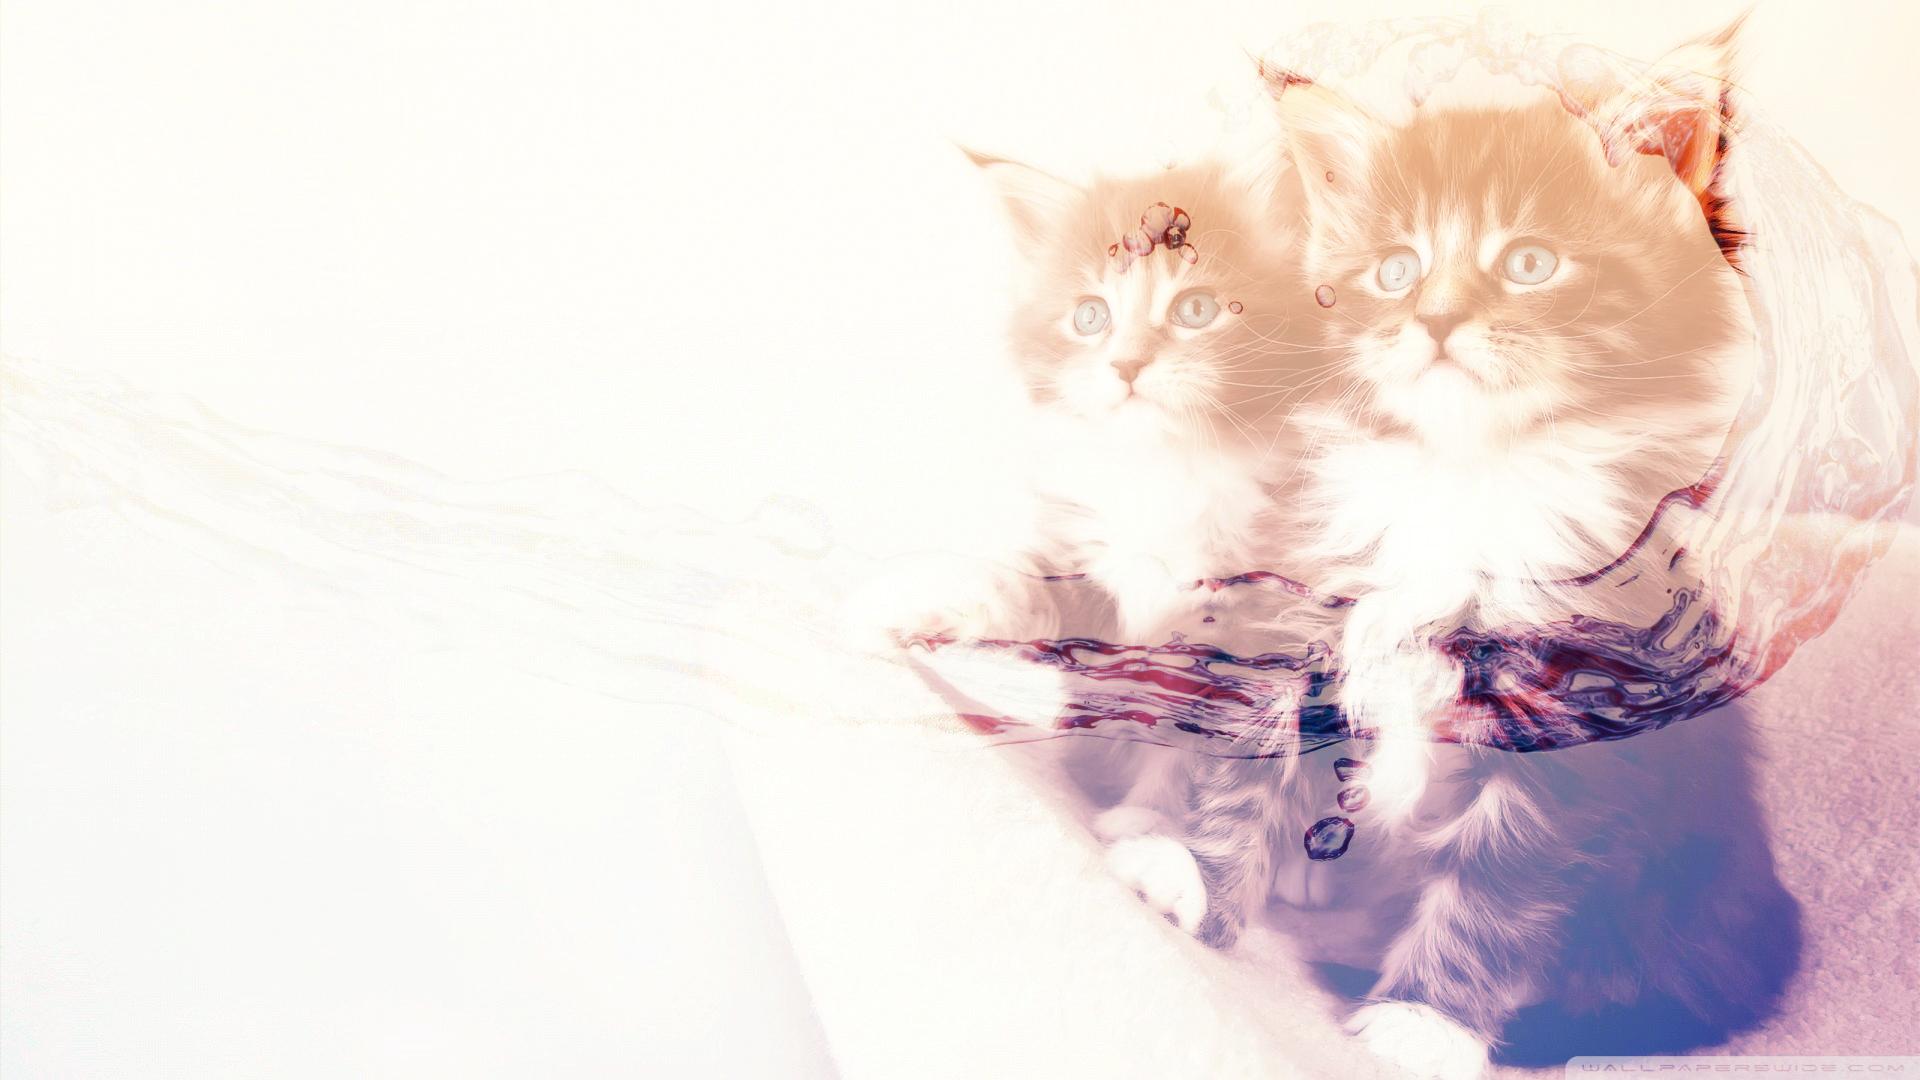 Hdの壁紙 かわいい動物 ネコの無料の写真素材